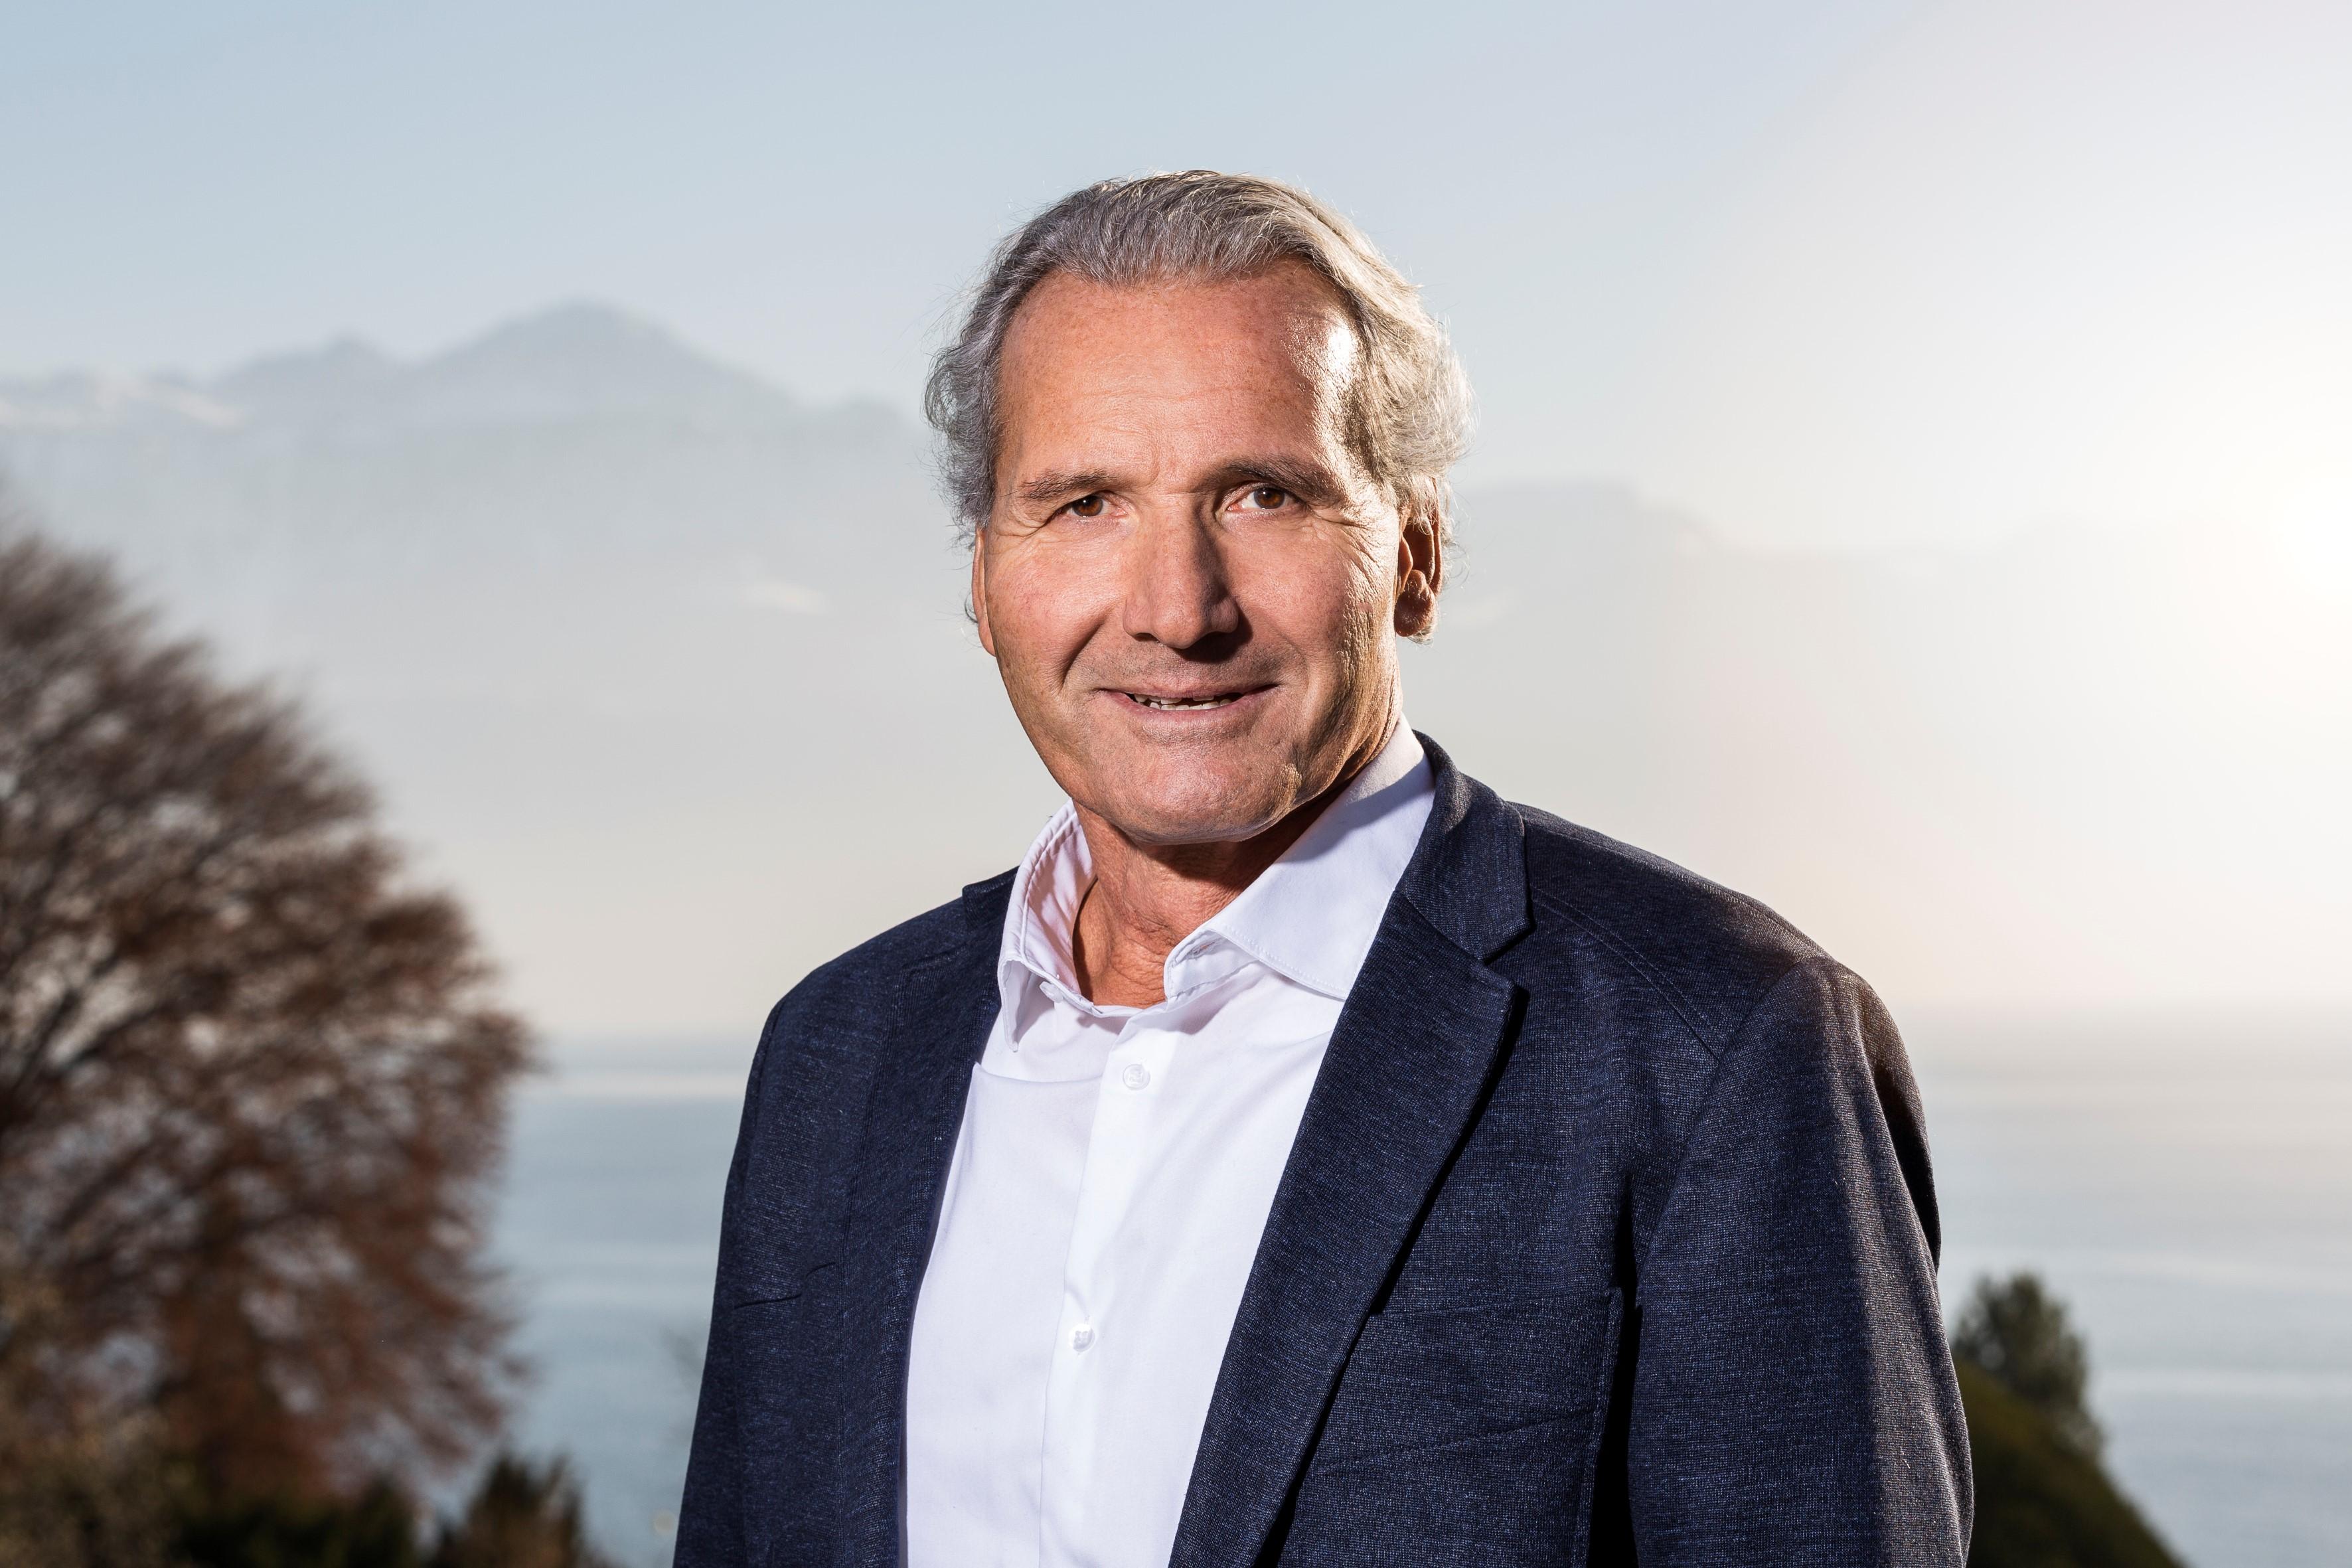 Dr. Peter Böhni